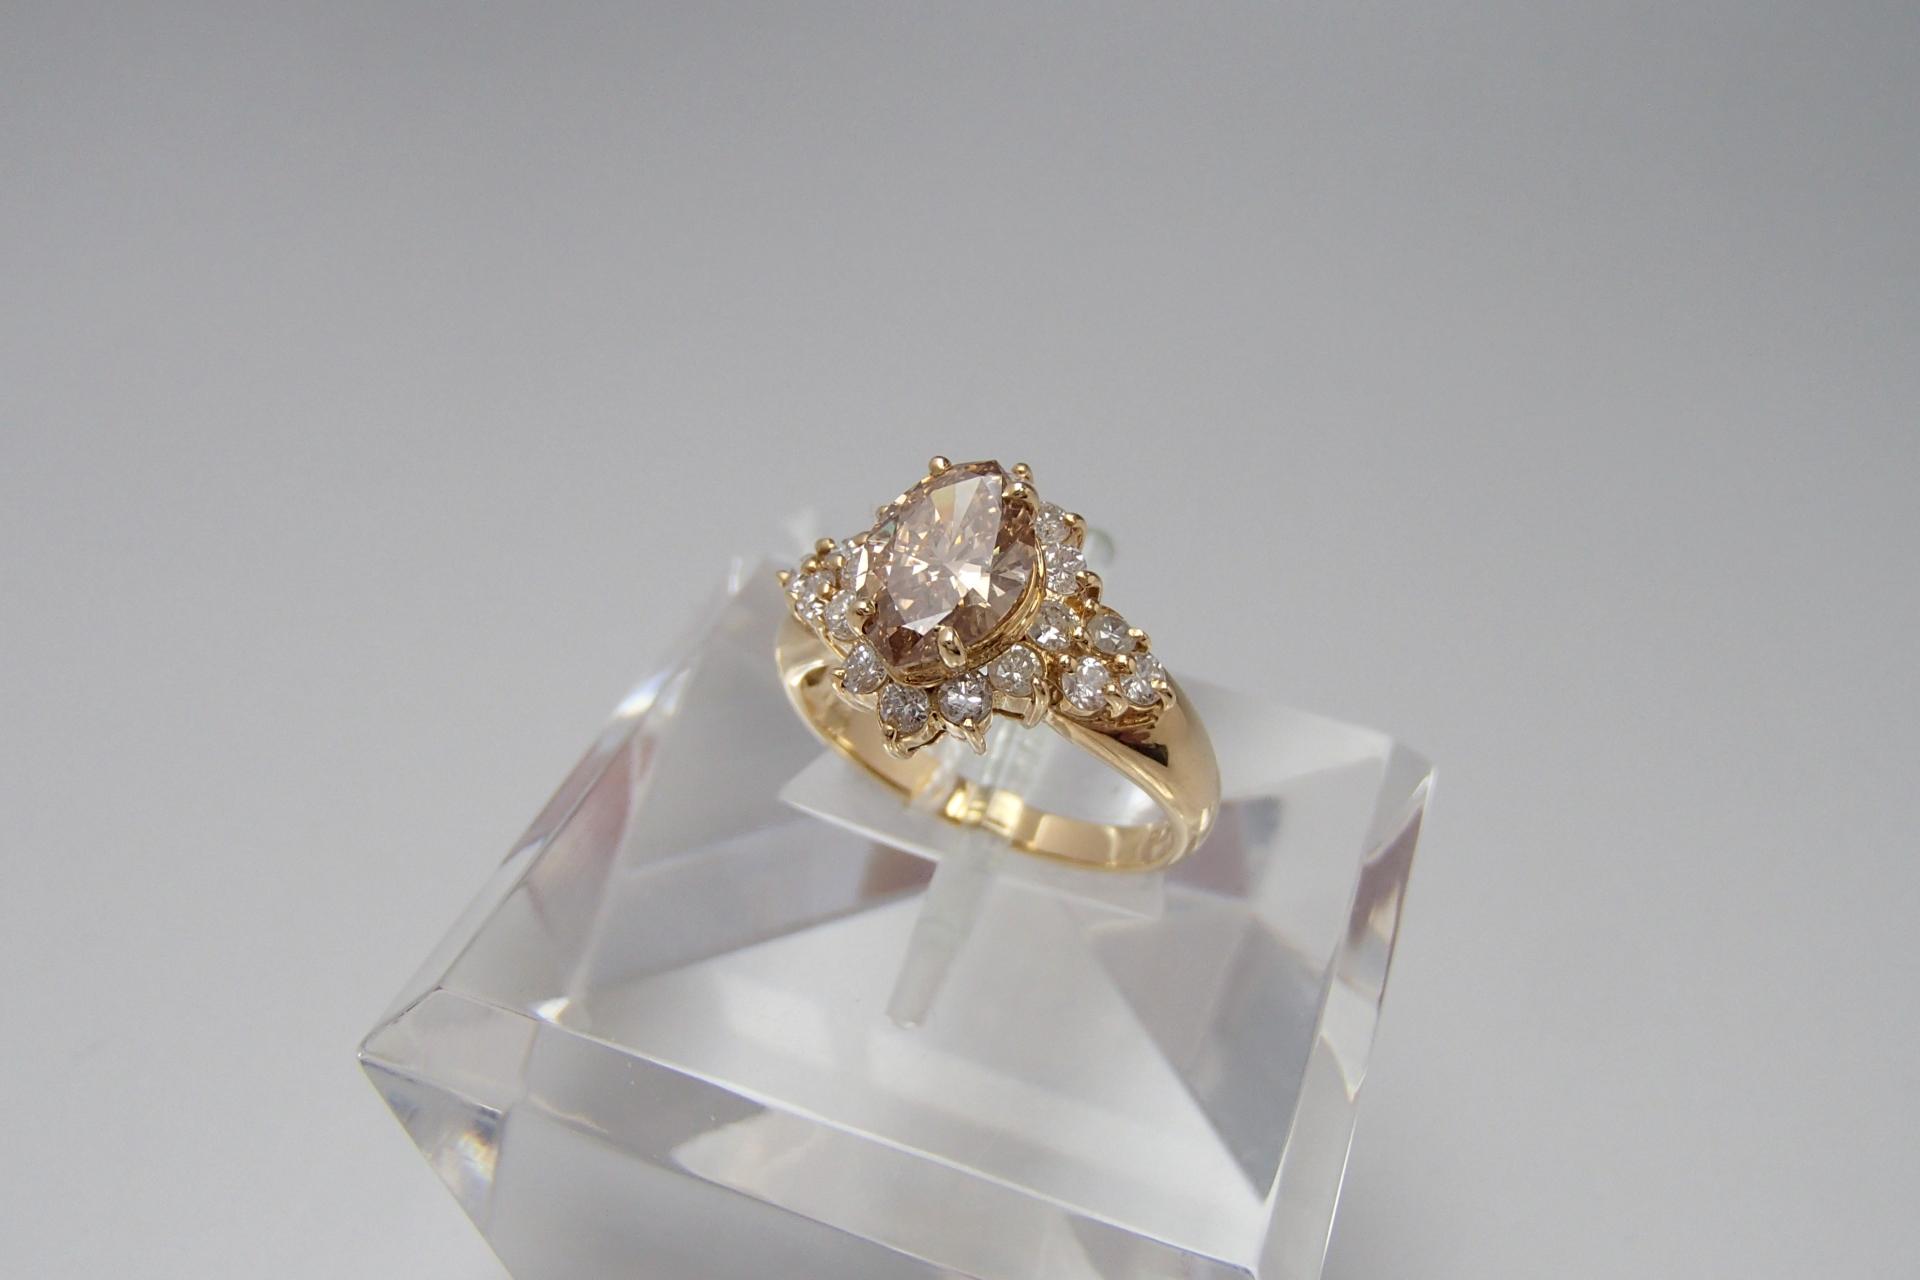 0.5カラットのダイヤモンドの相場は?